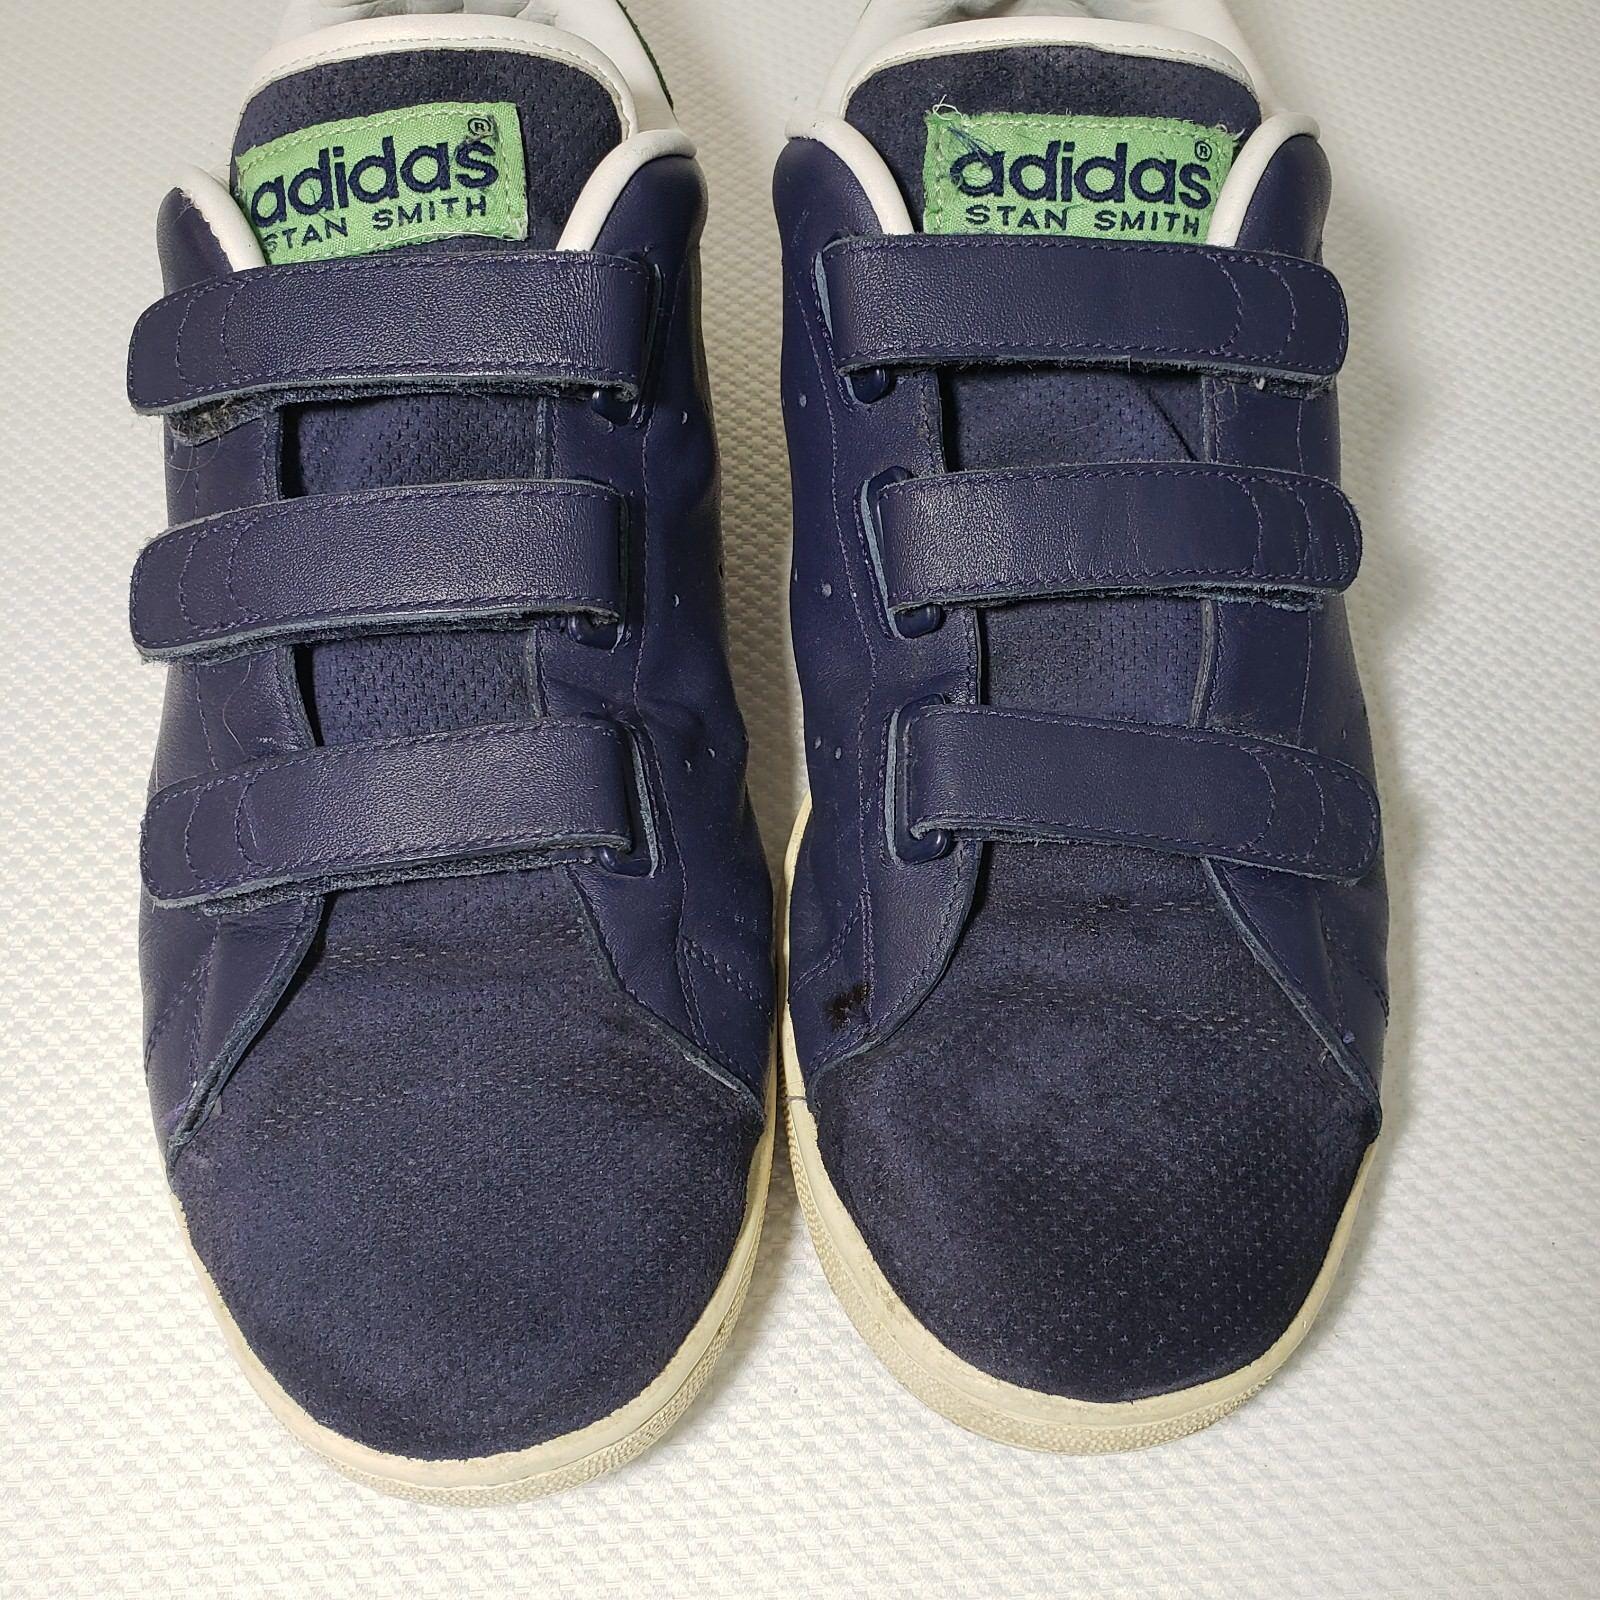 Adidas Originals Stan Smith 13 CF Sneakers Green Navy bluee 2006 Low Top